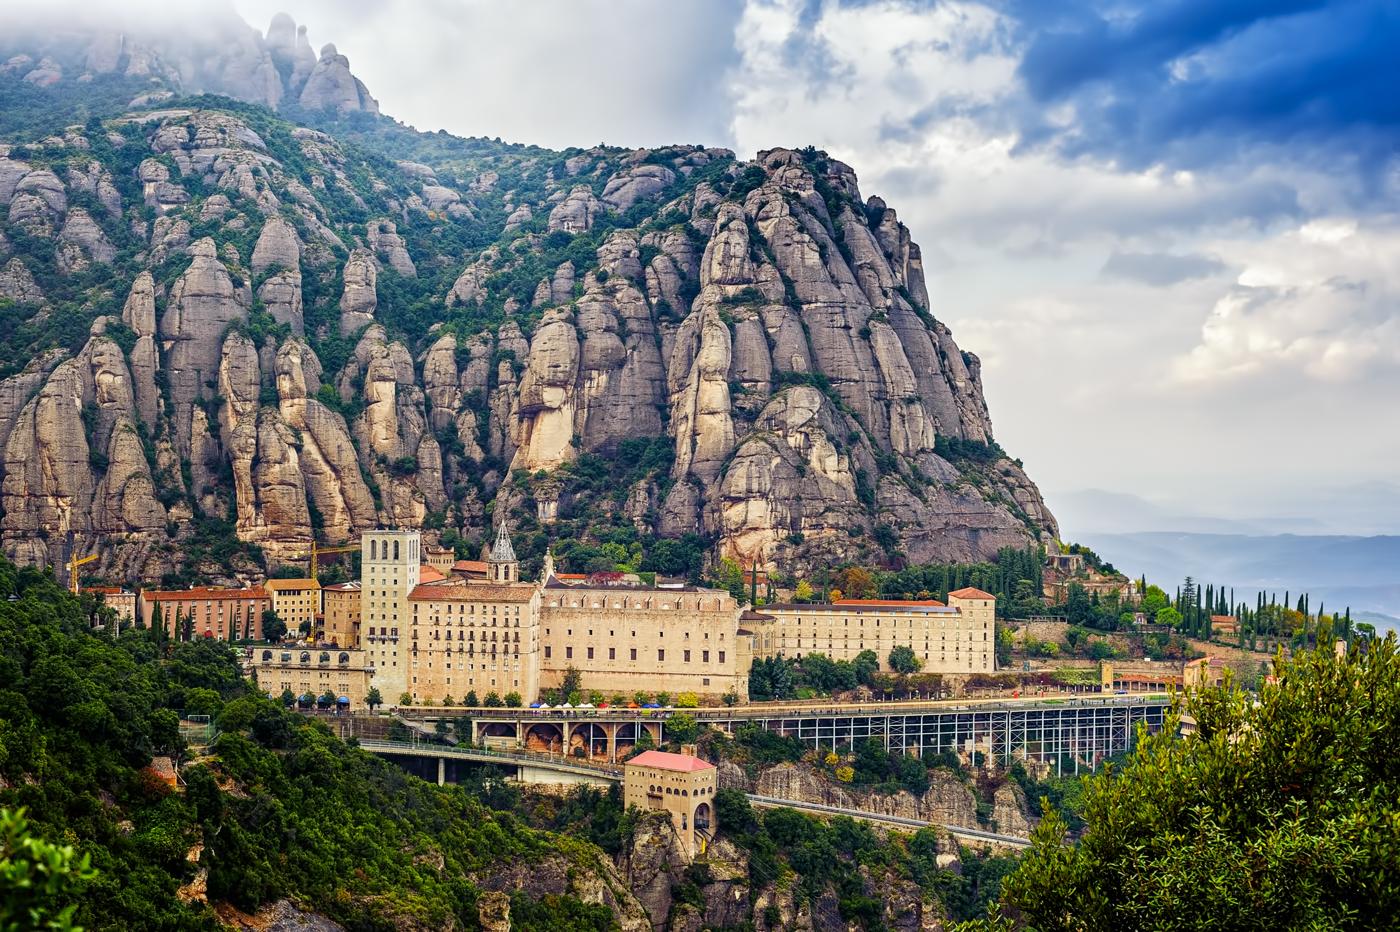 El monasterio de Montserrat, pura belleza. Foto: shutterstock.